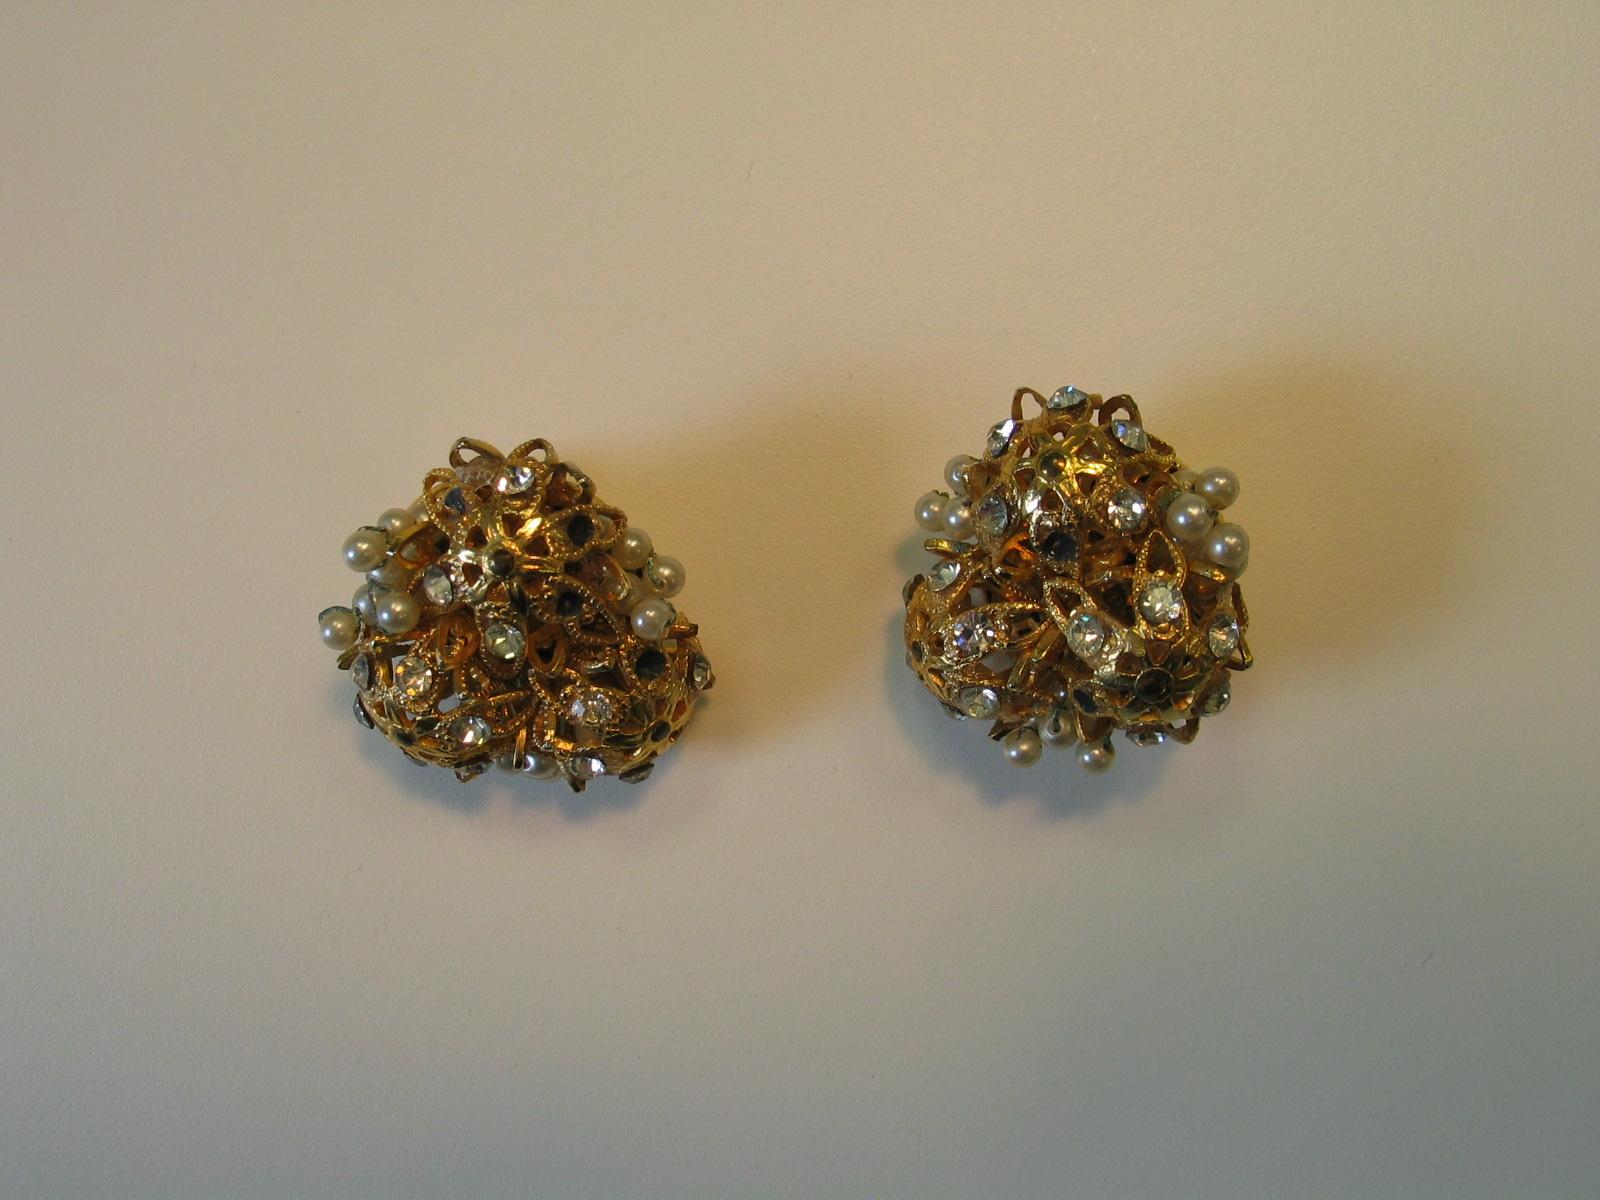 Pendientes de metal dorado con imitación de perlas y brillantes